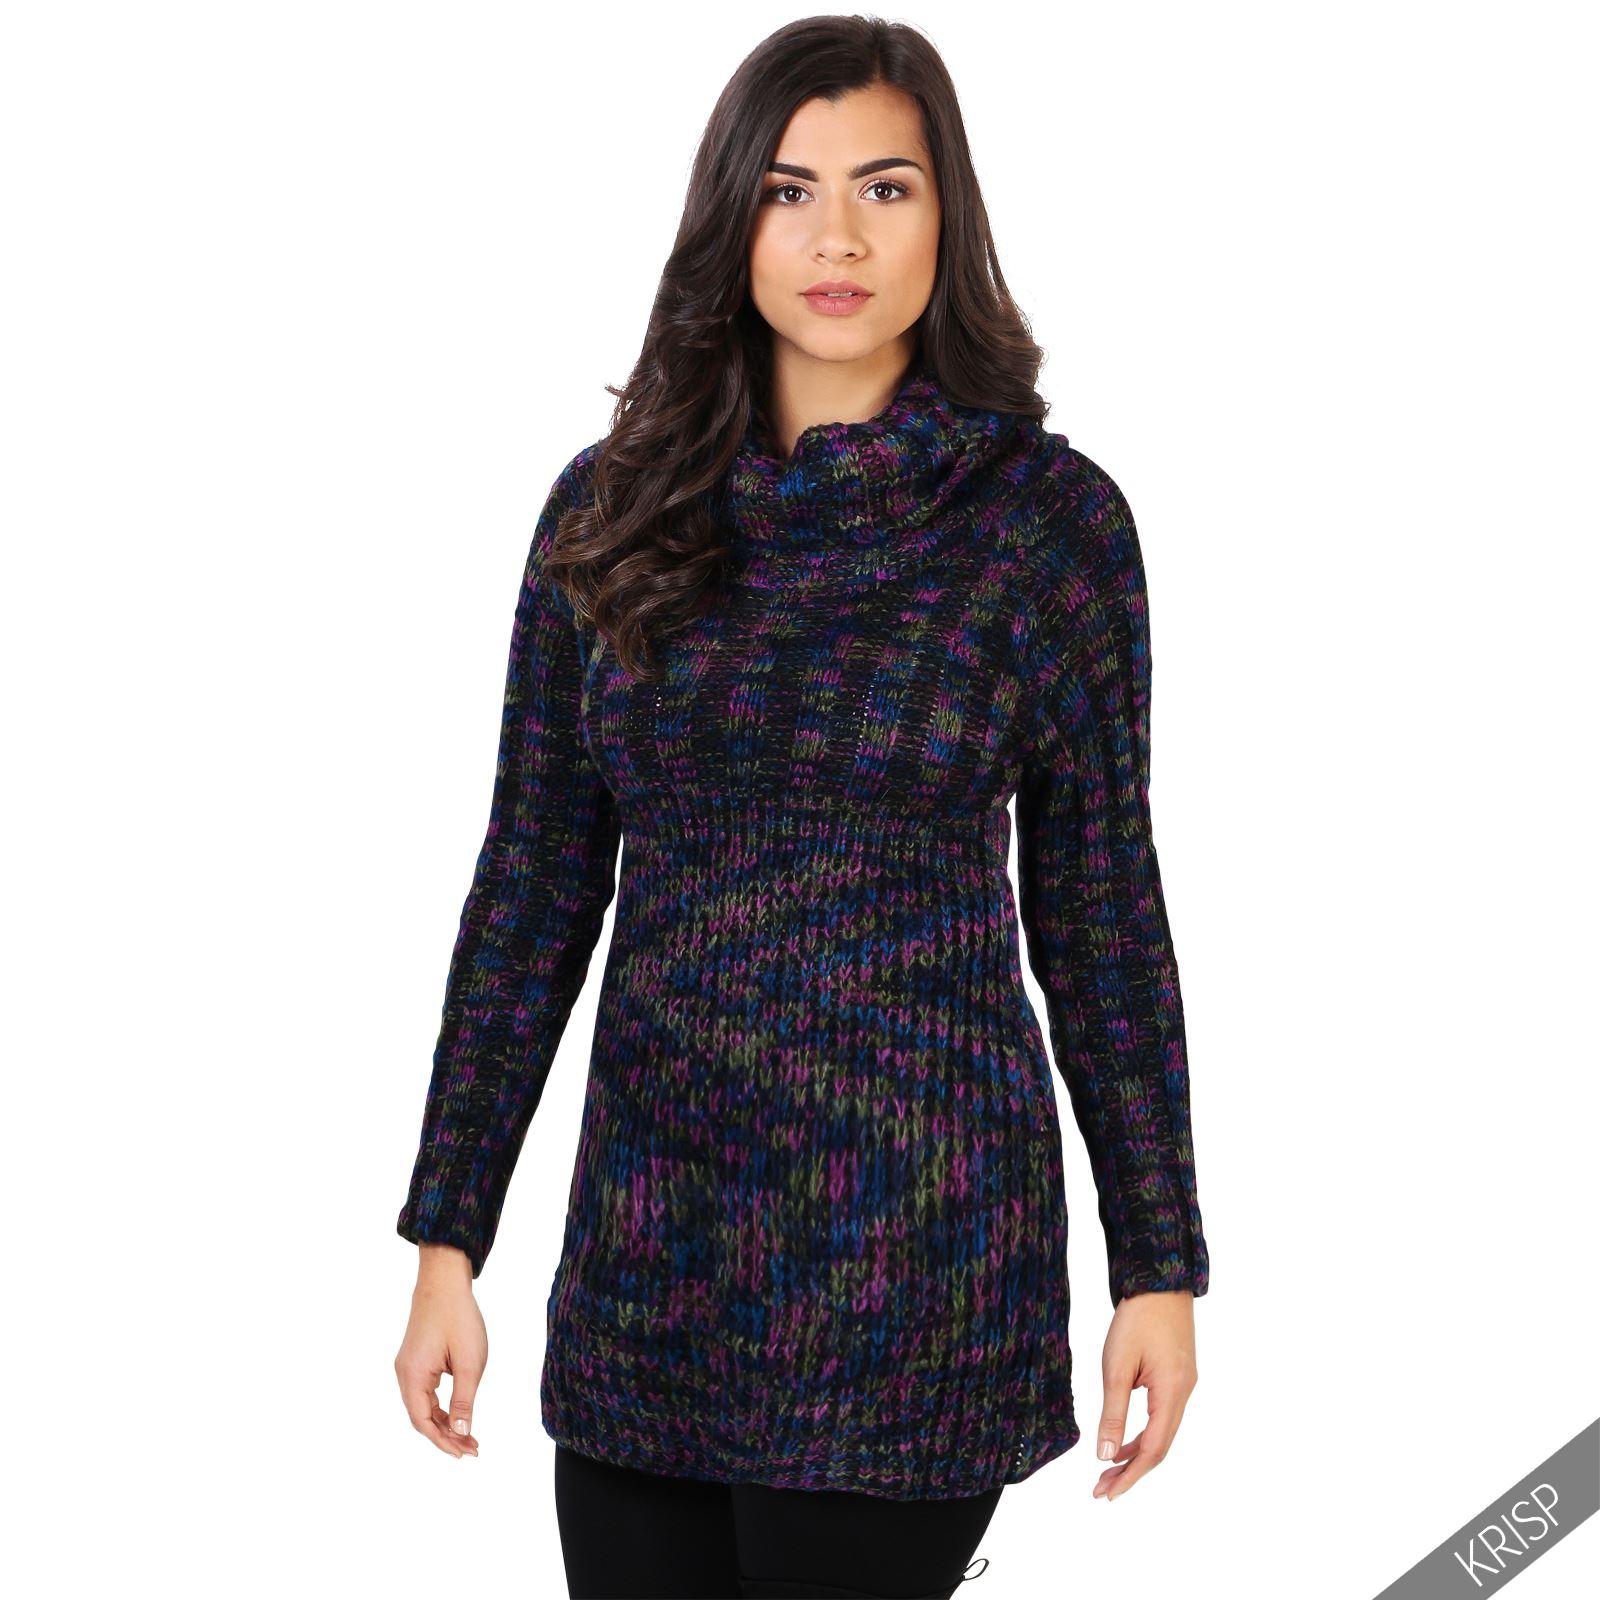 damen gestrickter tunika pullover zopfmuster oversize fit warm kleid kuschelig ebay. Black Bedroom Furniture Sets. Home Design Ideas